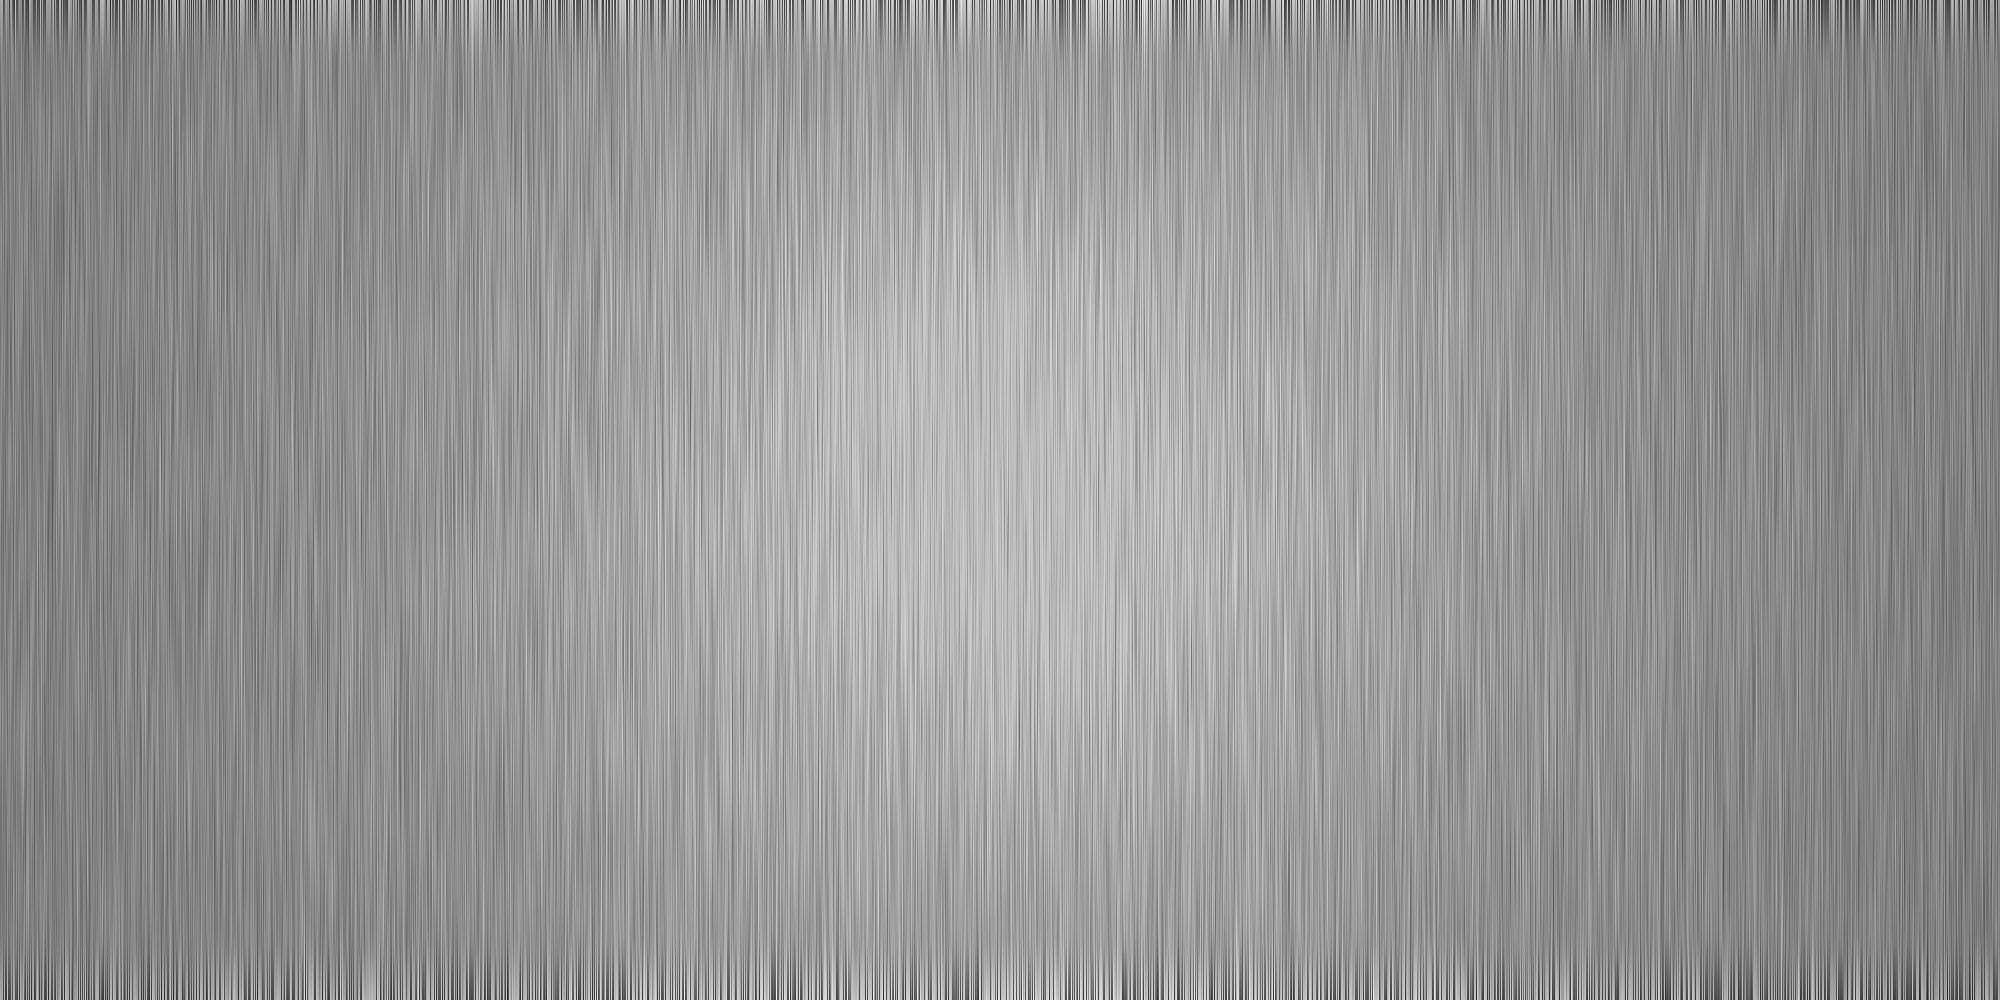 Hình ảnh đen Và Trắng Gỗ Kết Cấu Sàn Nhà Hàng Màu Xám